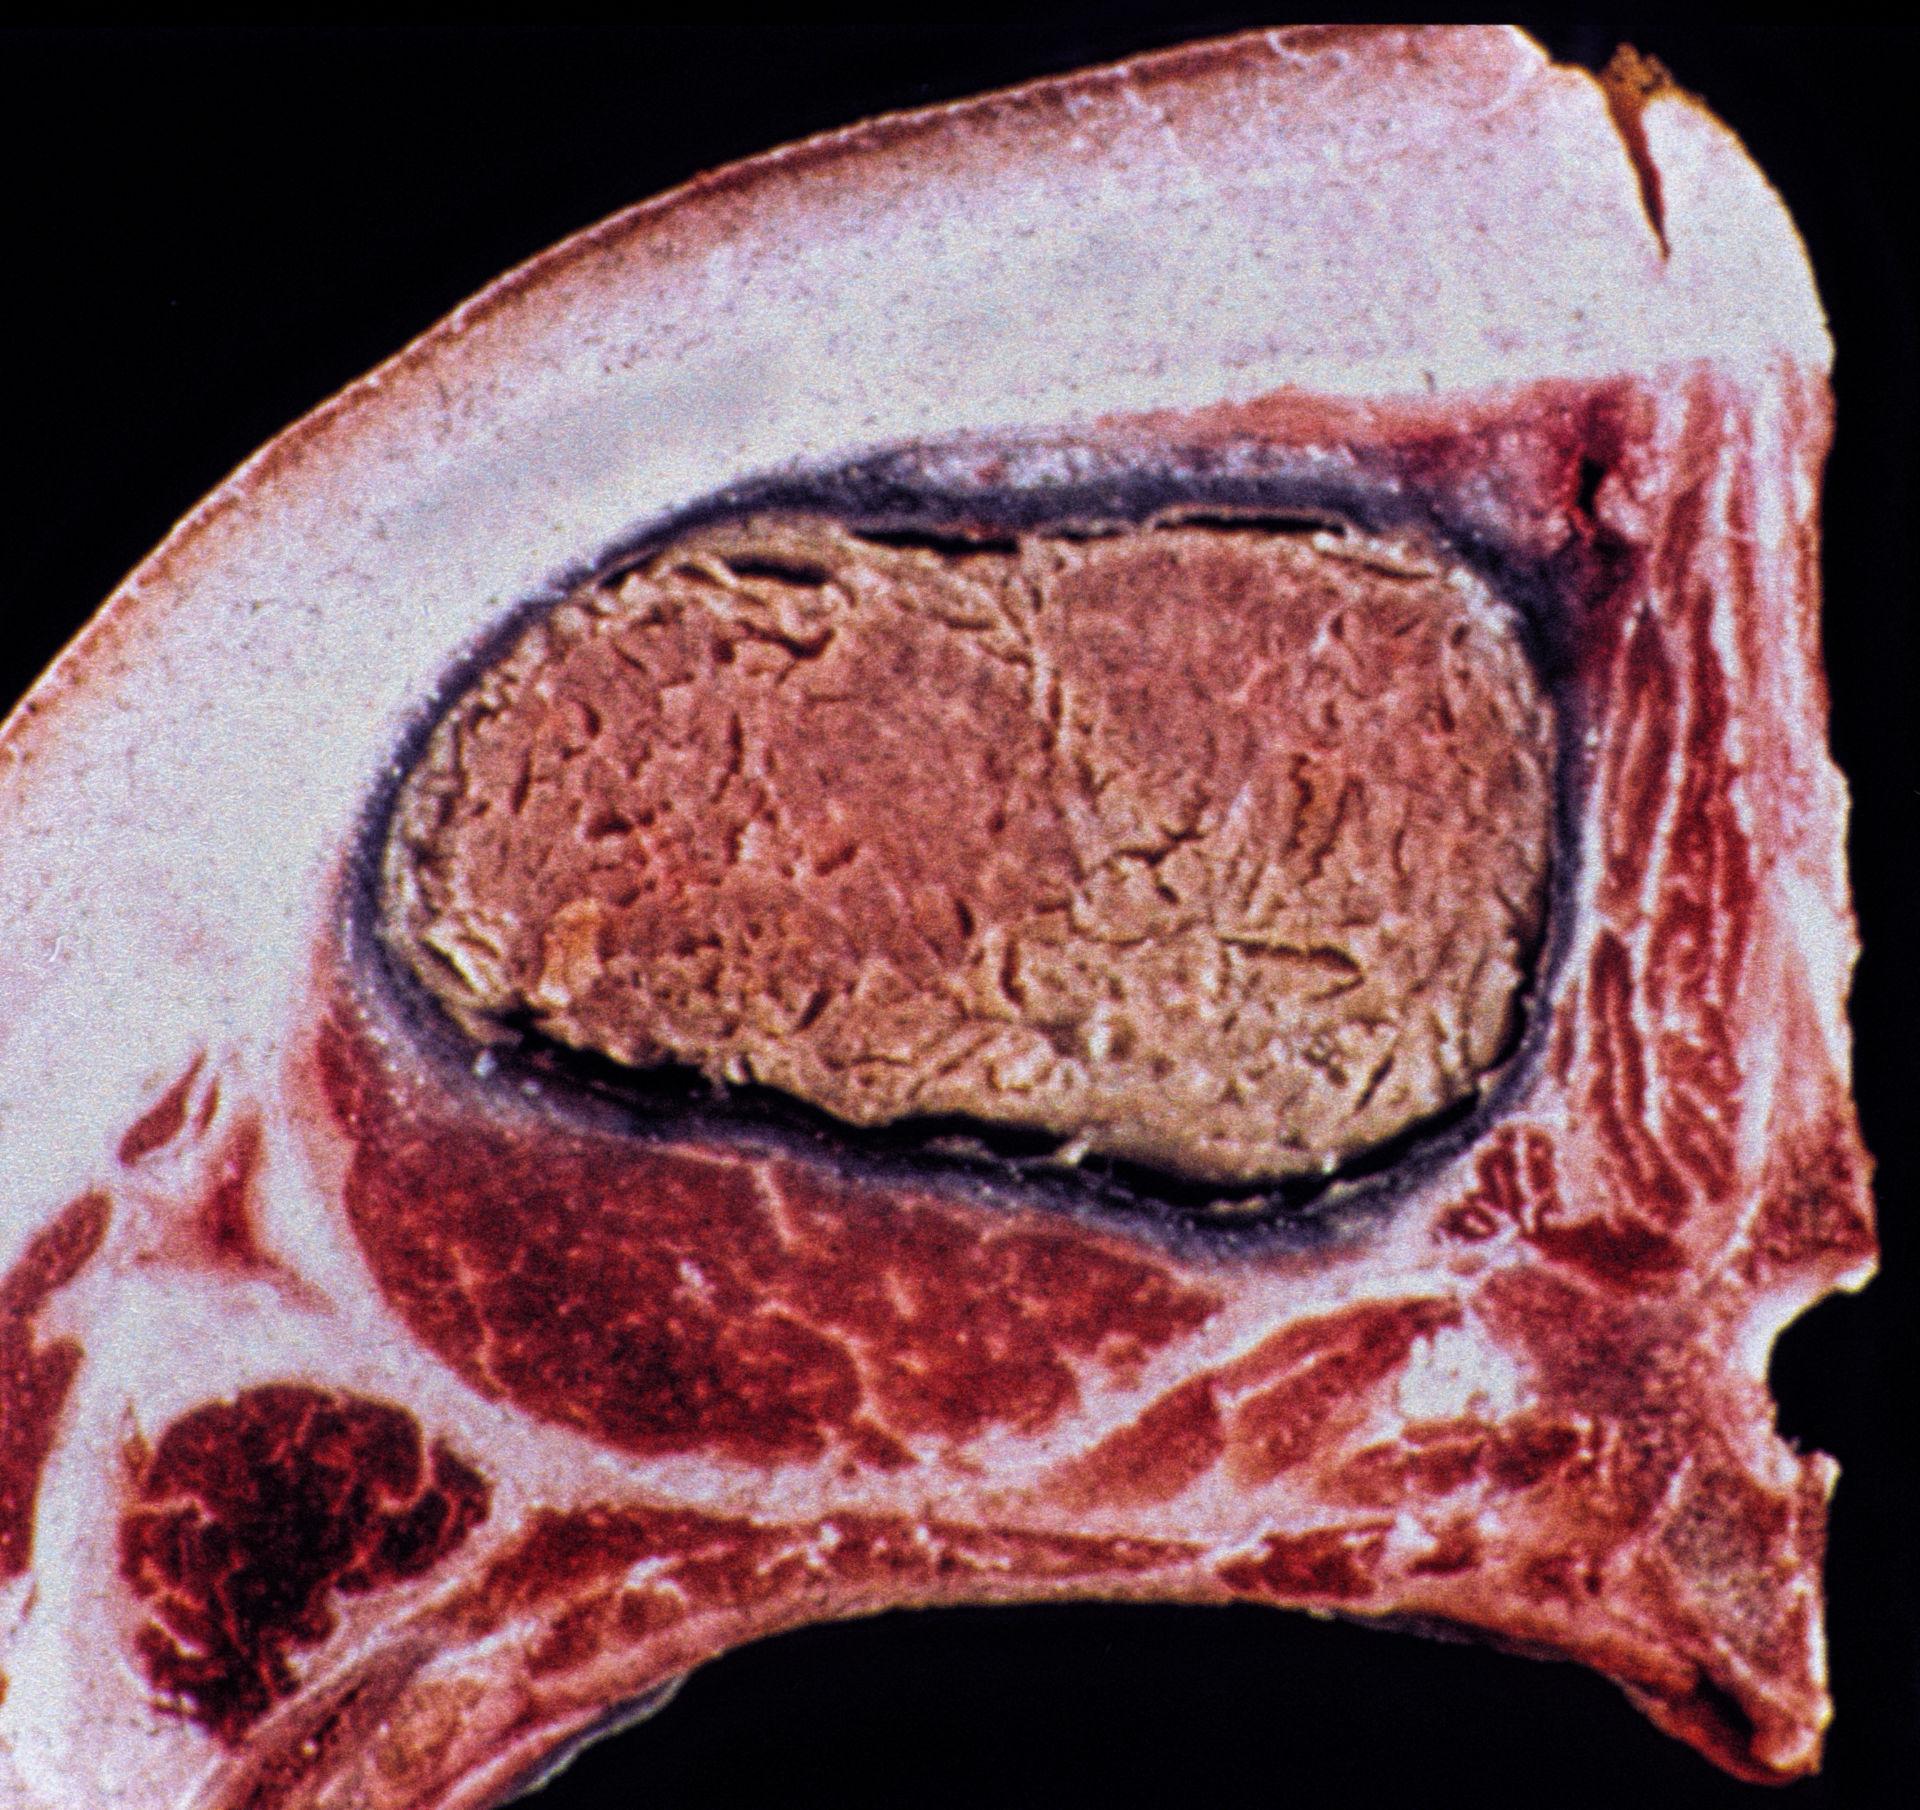 Rüchenmuskelnekrose